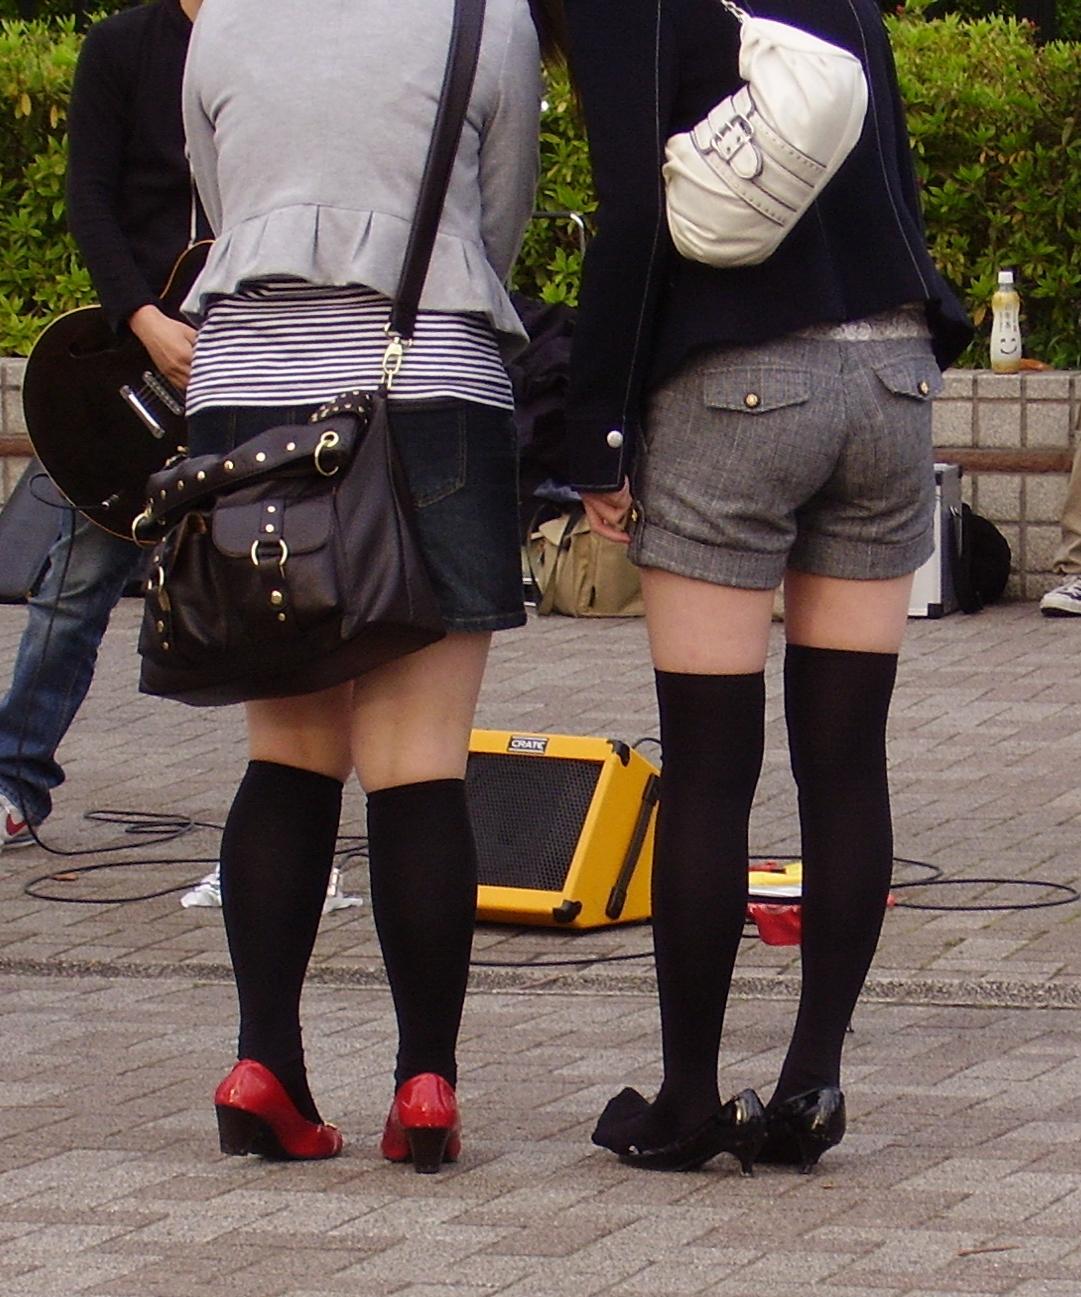 【街撮りフェチ画像】女の子のソコは不可侵www街で見かけた絶対領域 13